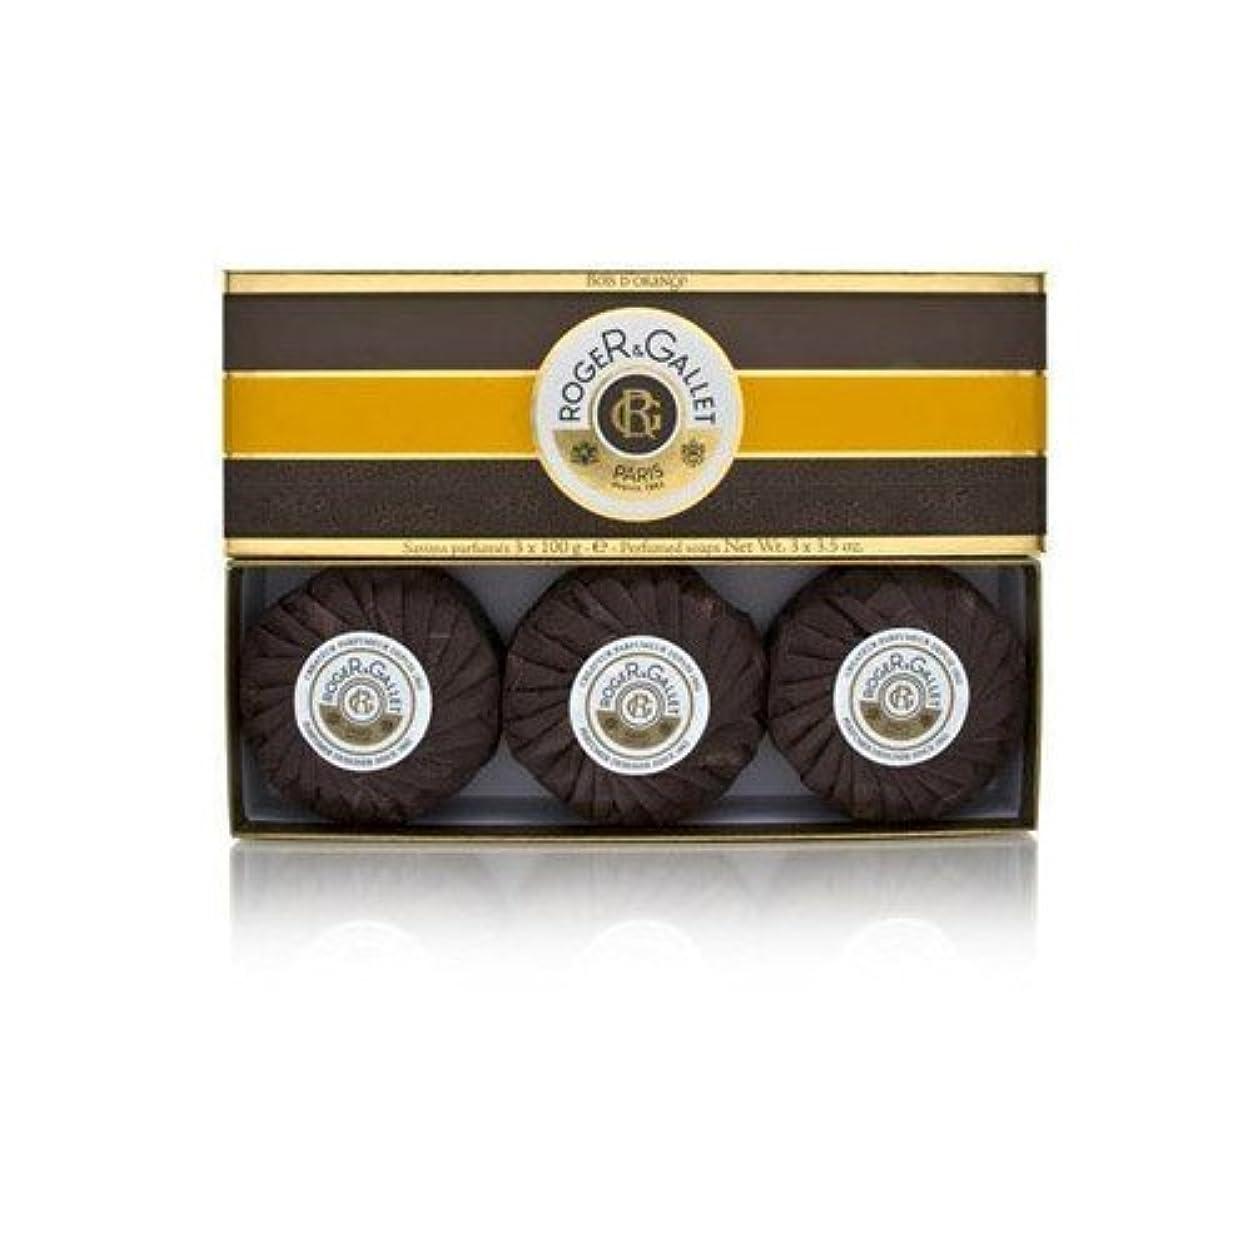 魔法先史時代のベーカリーロジェガレ ボワ ドランジュ (オレンジツリー) 香水石鹸3個セット ROGER&GALLET BOIS D'ORANGE PERFUMED SOAP [0161]